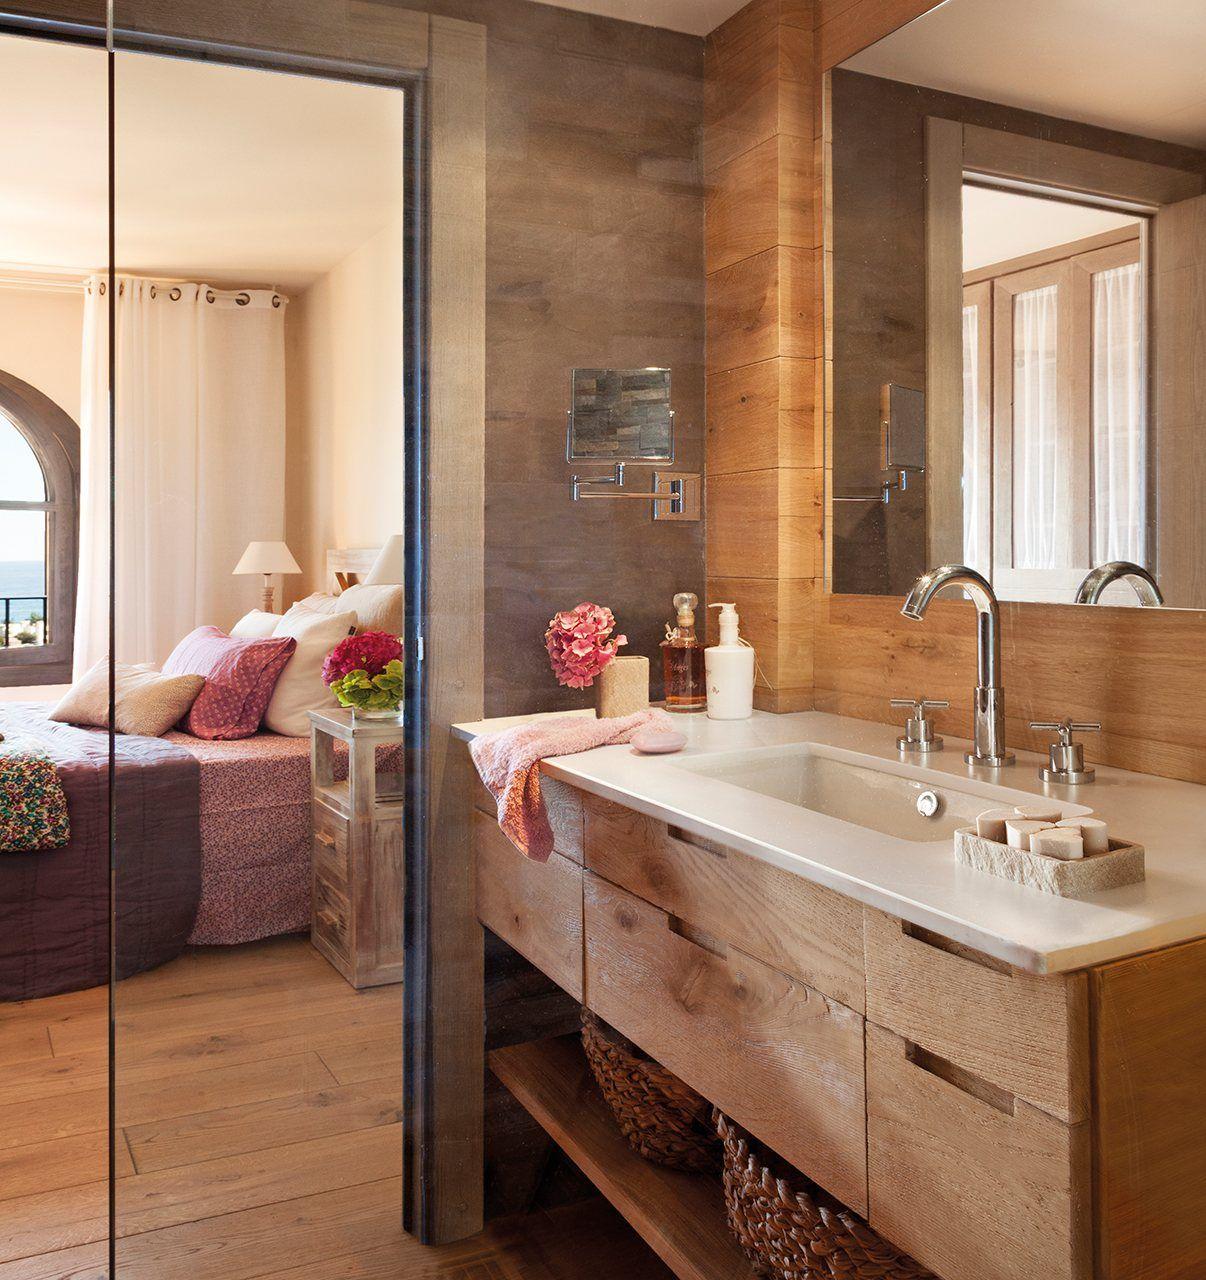 Bano Separado De La Habitacion Por Pared De Cristal 1206×1280  # Muebles Un Kuarto